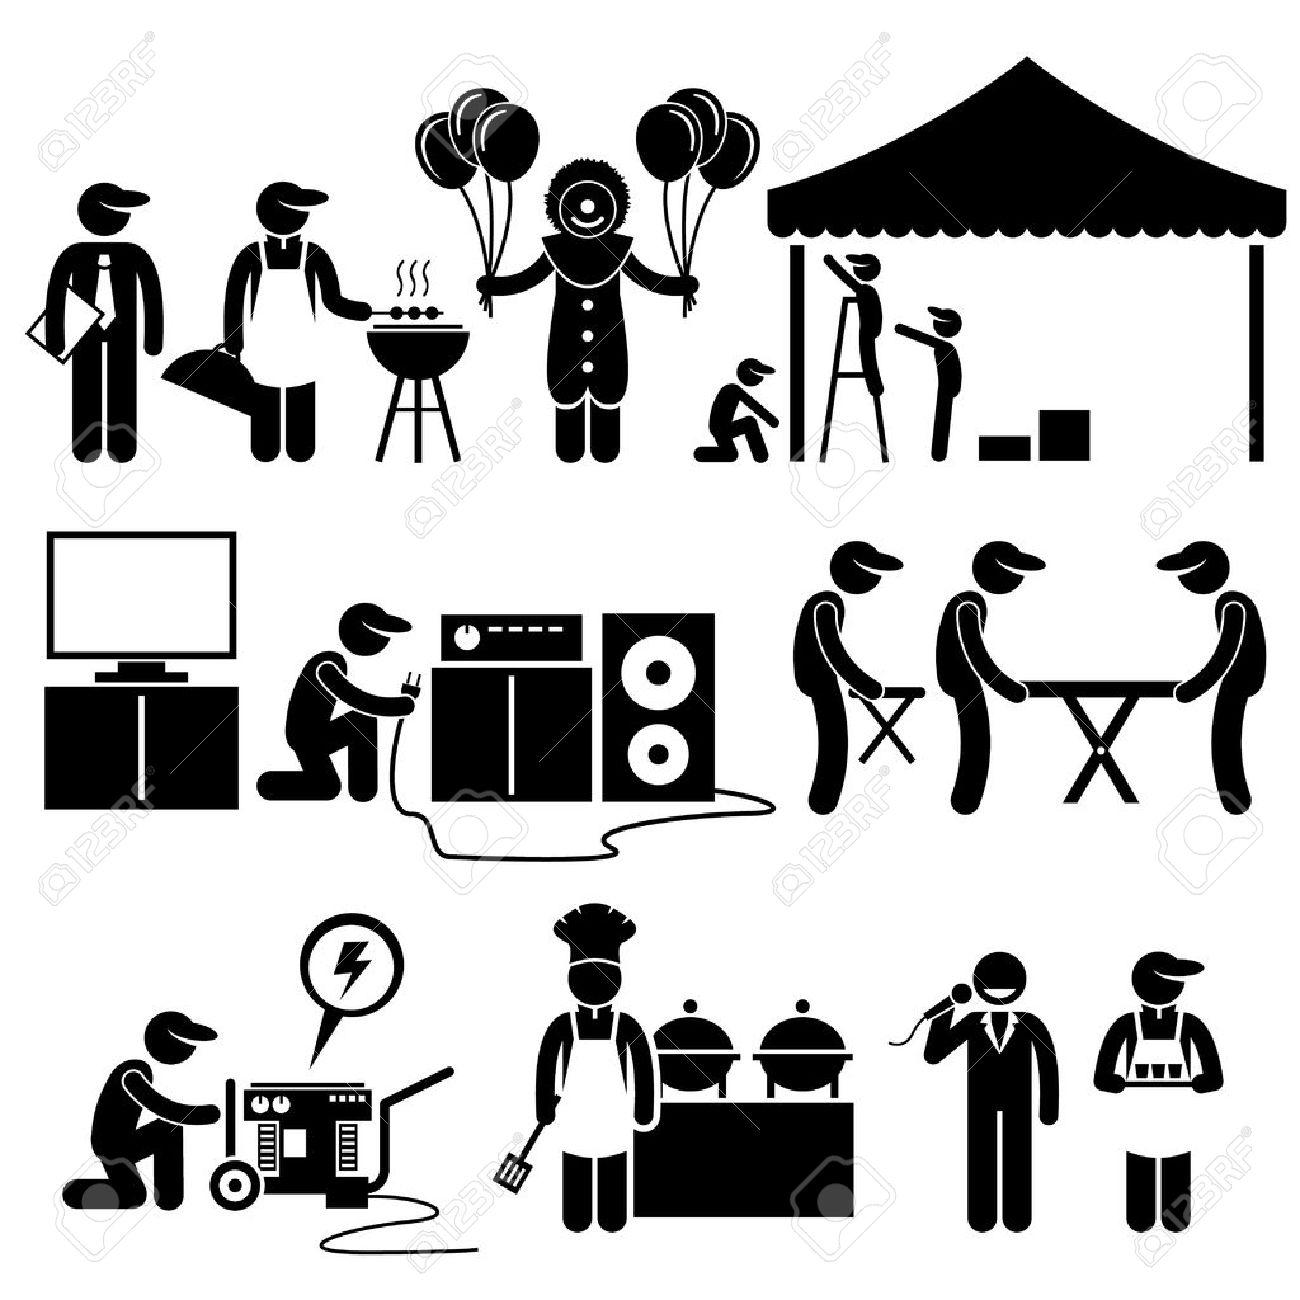 お祝いパーティー祭イベント サービス ・ スティック図ピクトグラム